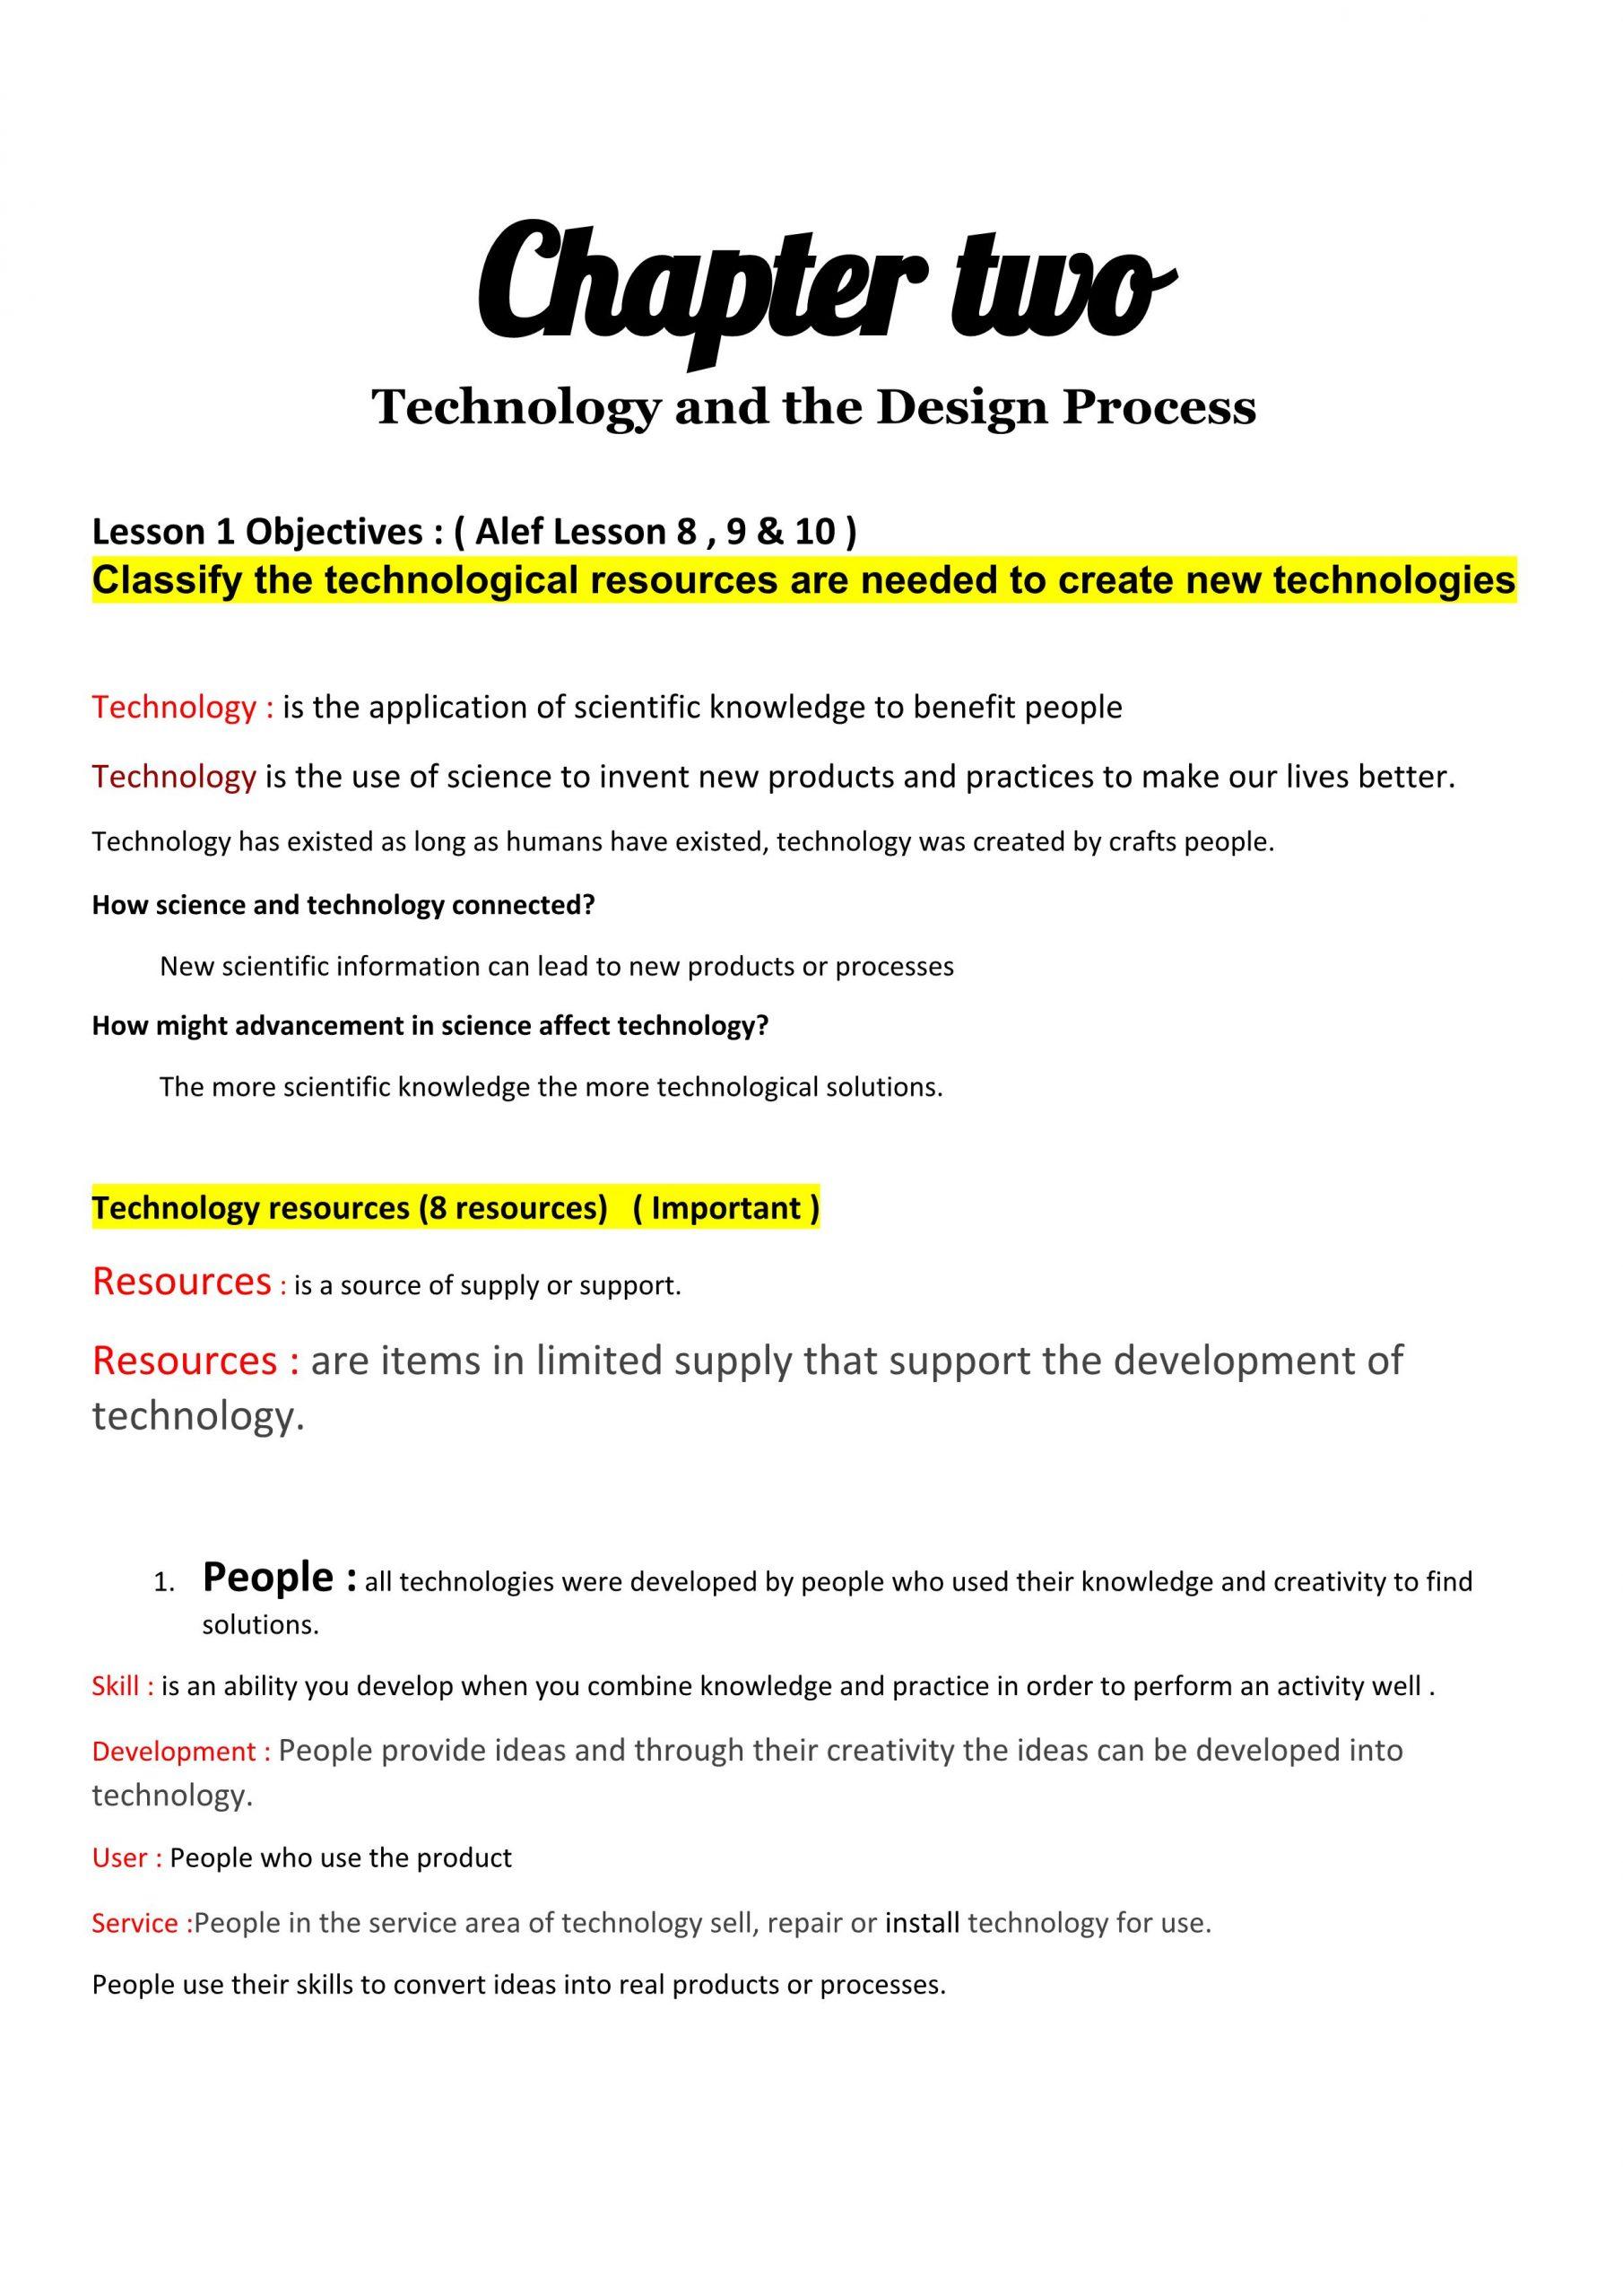 ملخص Technology and the Design Process بالانجليزي الصف السادس مادة العلوم المتكاملة